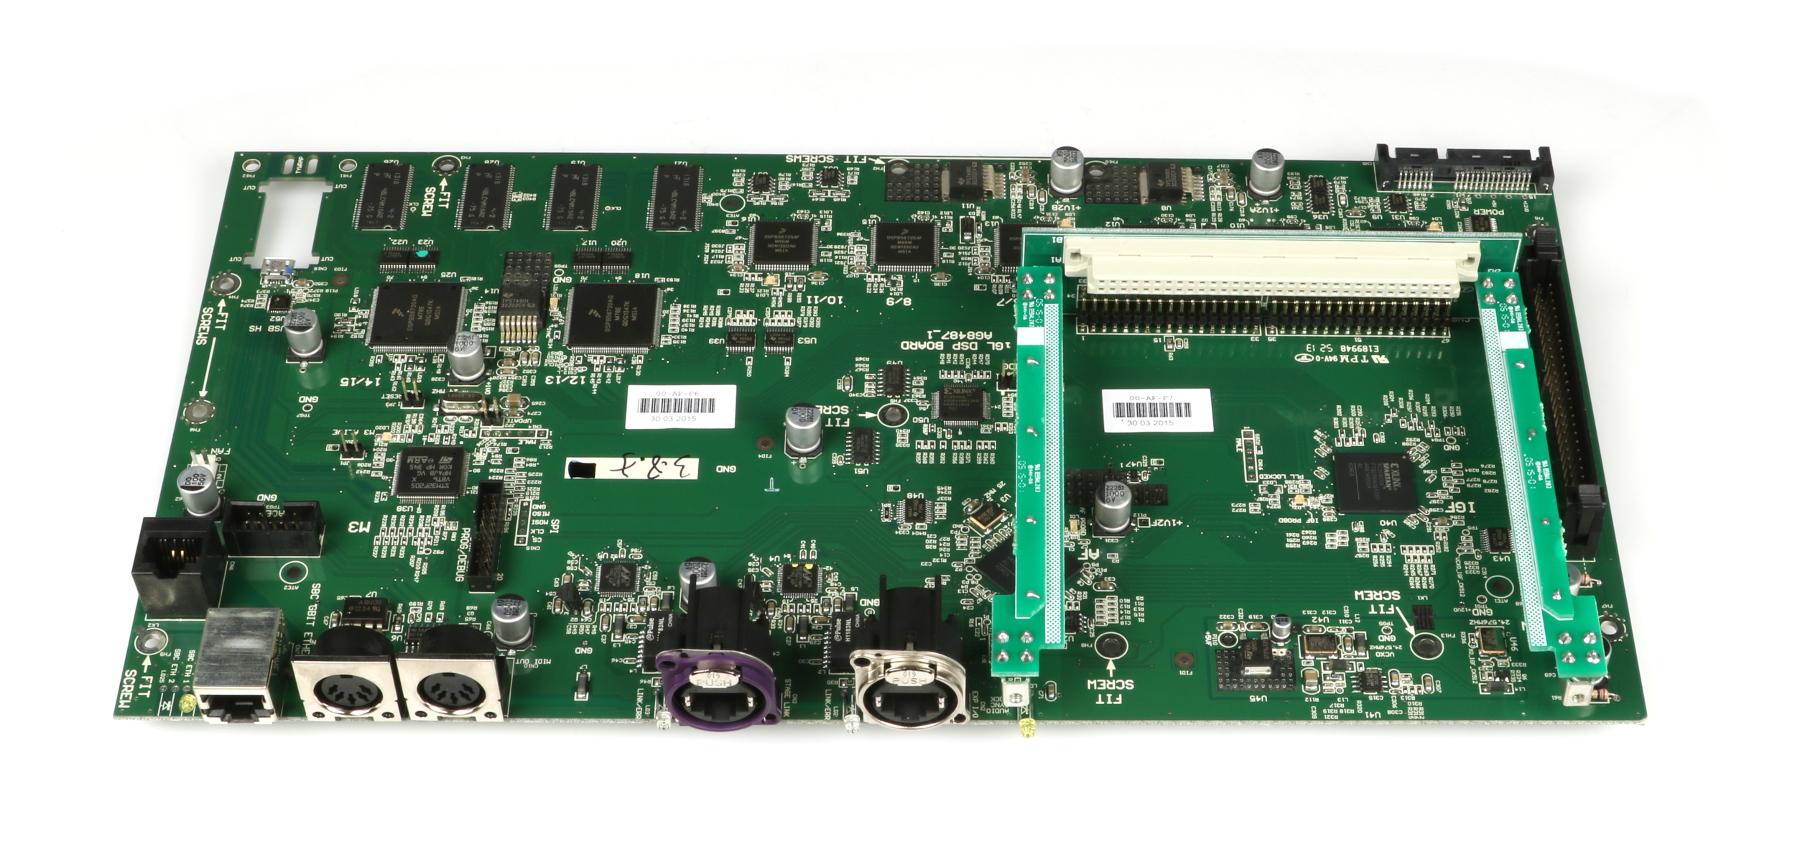 GLD80 Main PCB